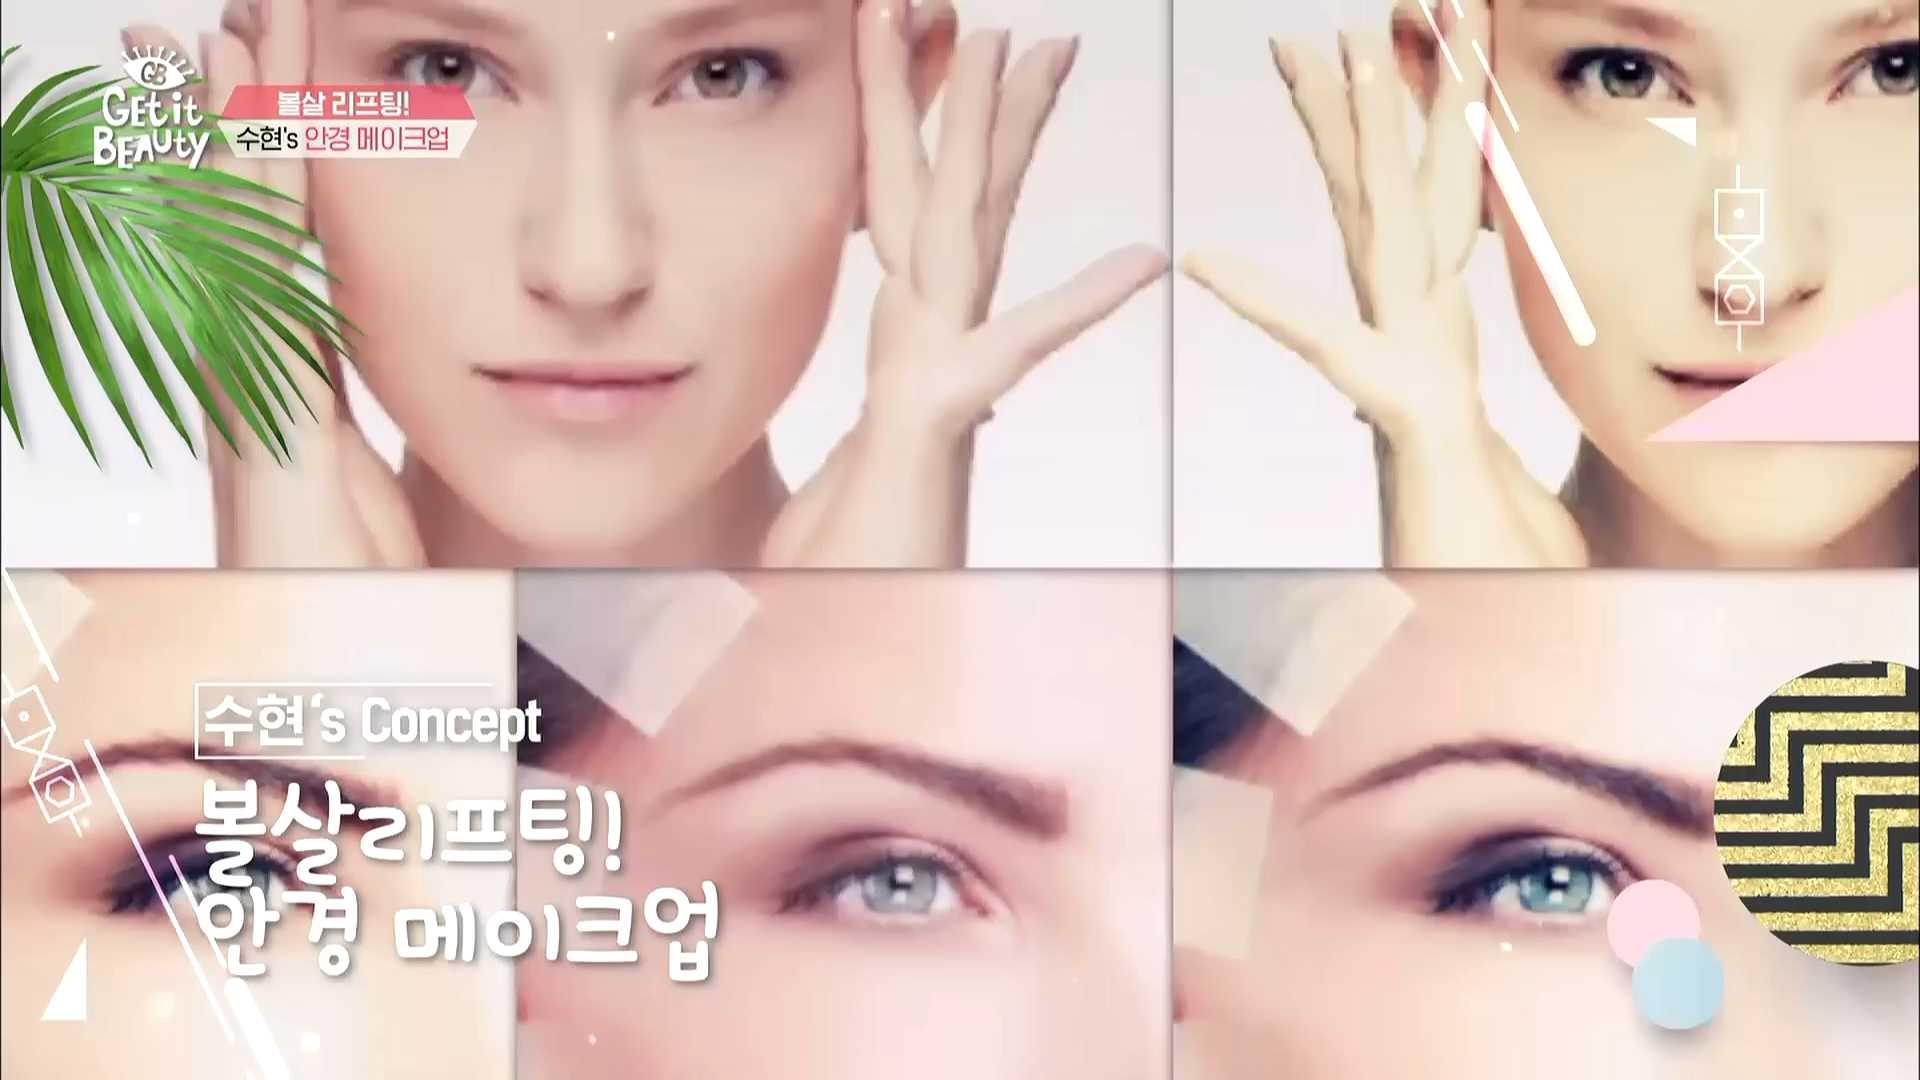 오늘 수현이의 메이크업은 '볼살 리프팅! 안경 메이크업'이에요~